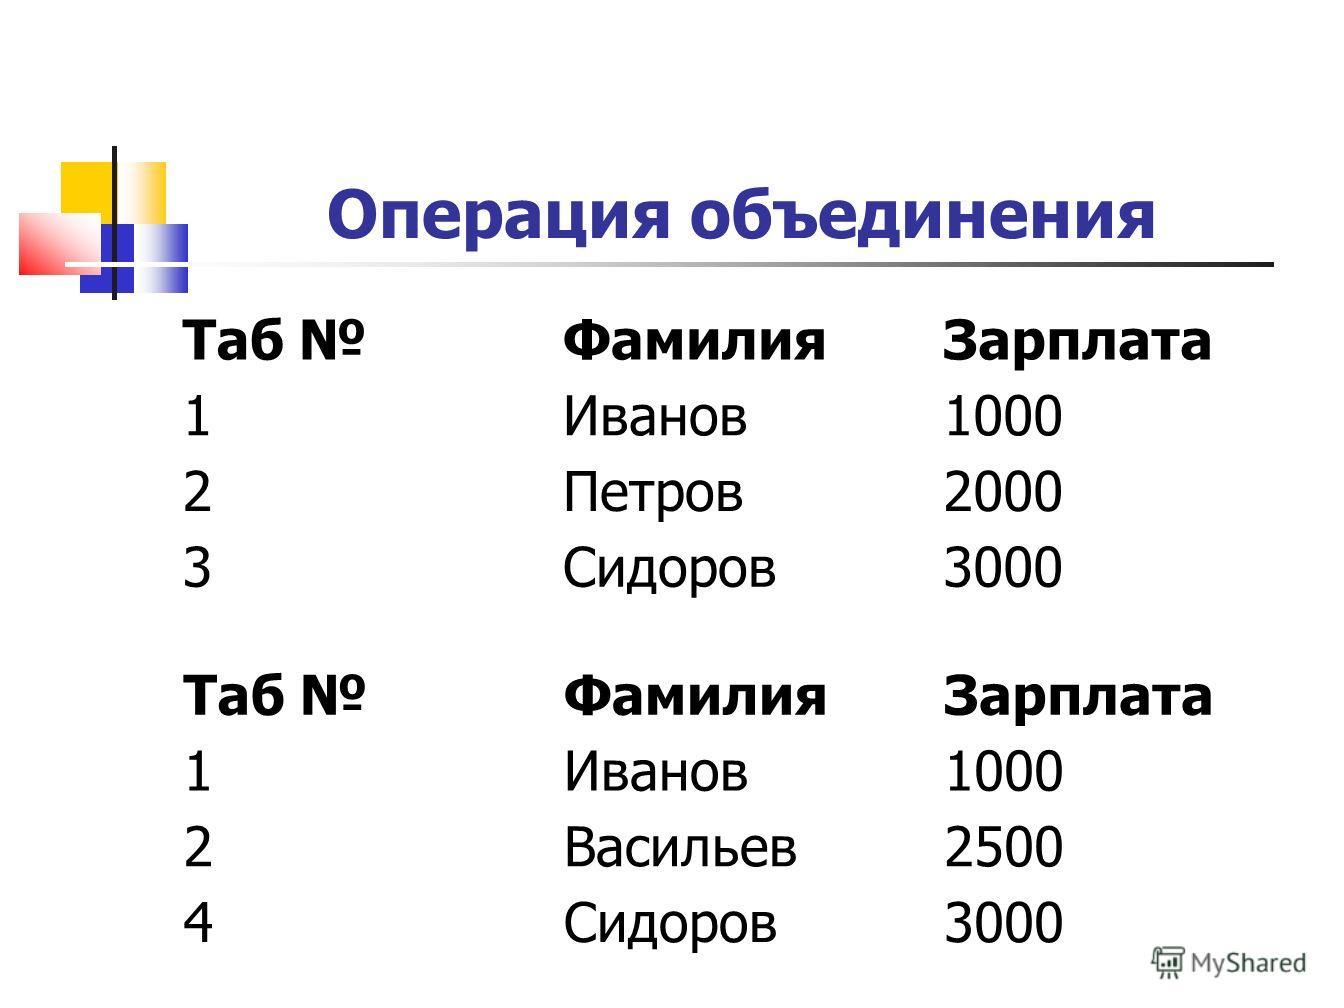 Операция объединения Таб ФамилияЗарплата 1Иванов1000 2Петров2000 3Сидоров3000 Таб ФамилияЗарплата 1Иванов1000 2Васильев2500 4Сидоров3000